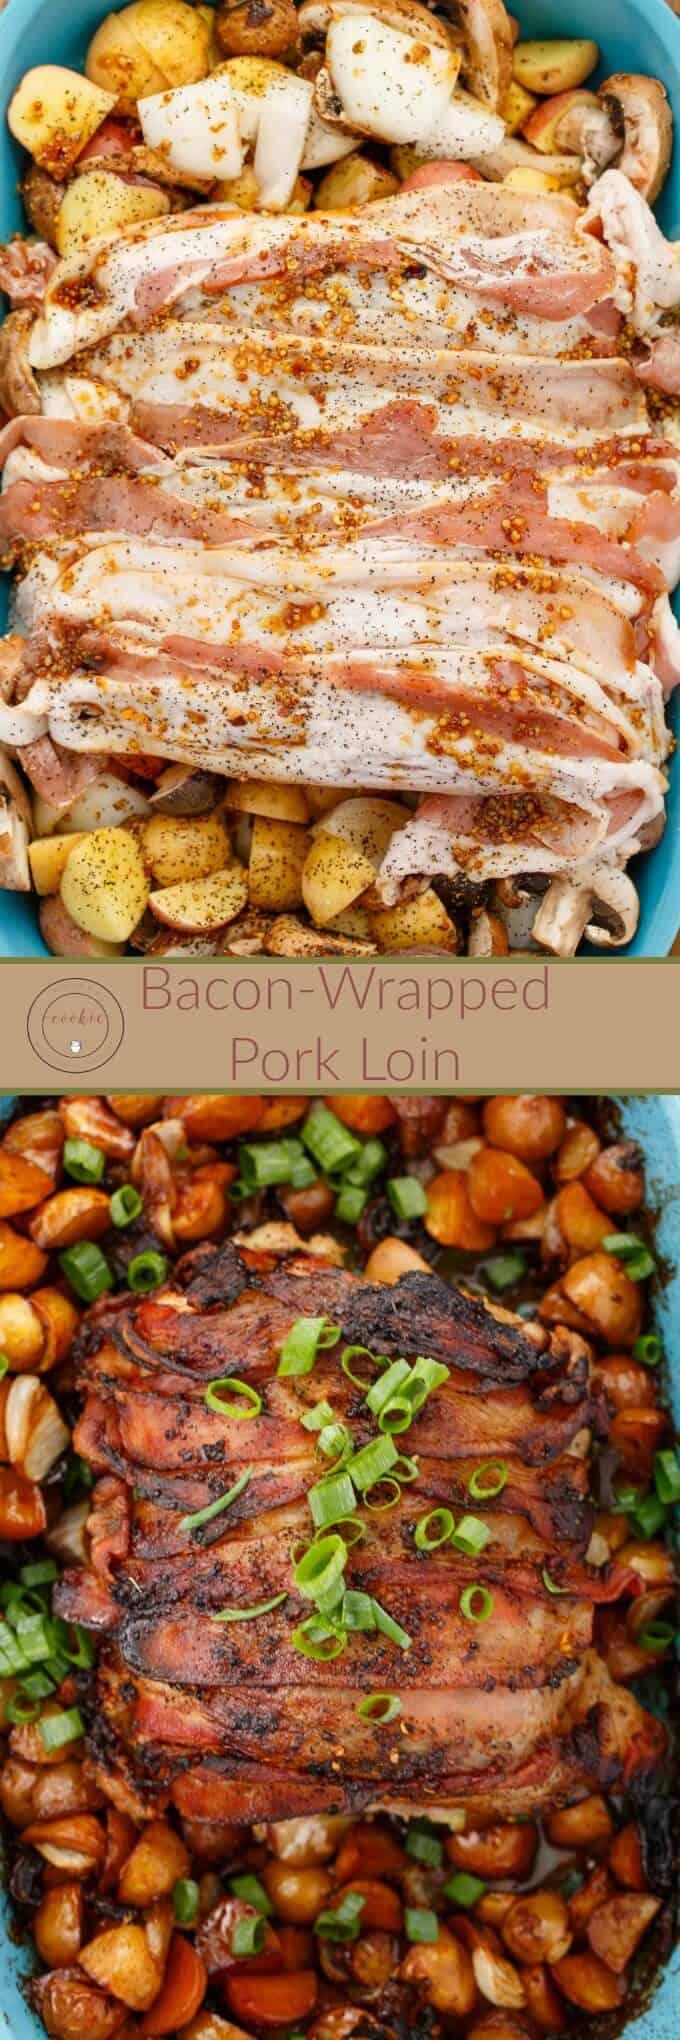 bacon-wrapped-pork-loin